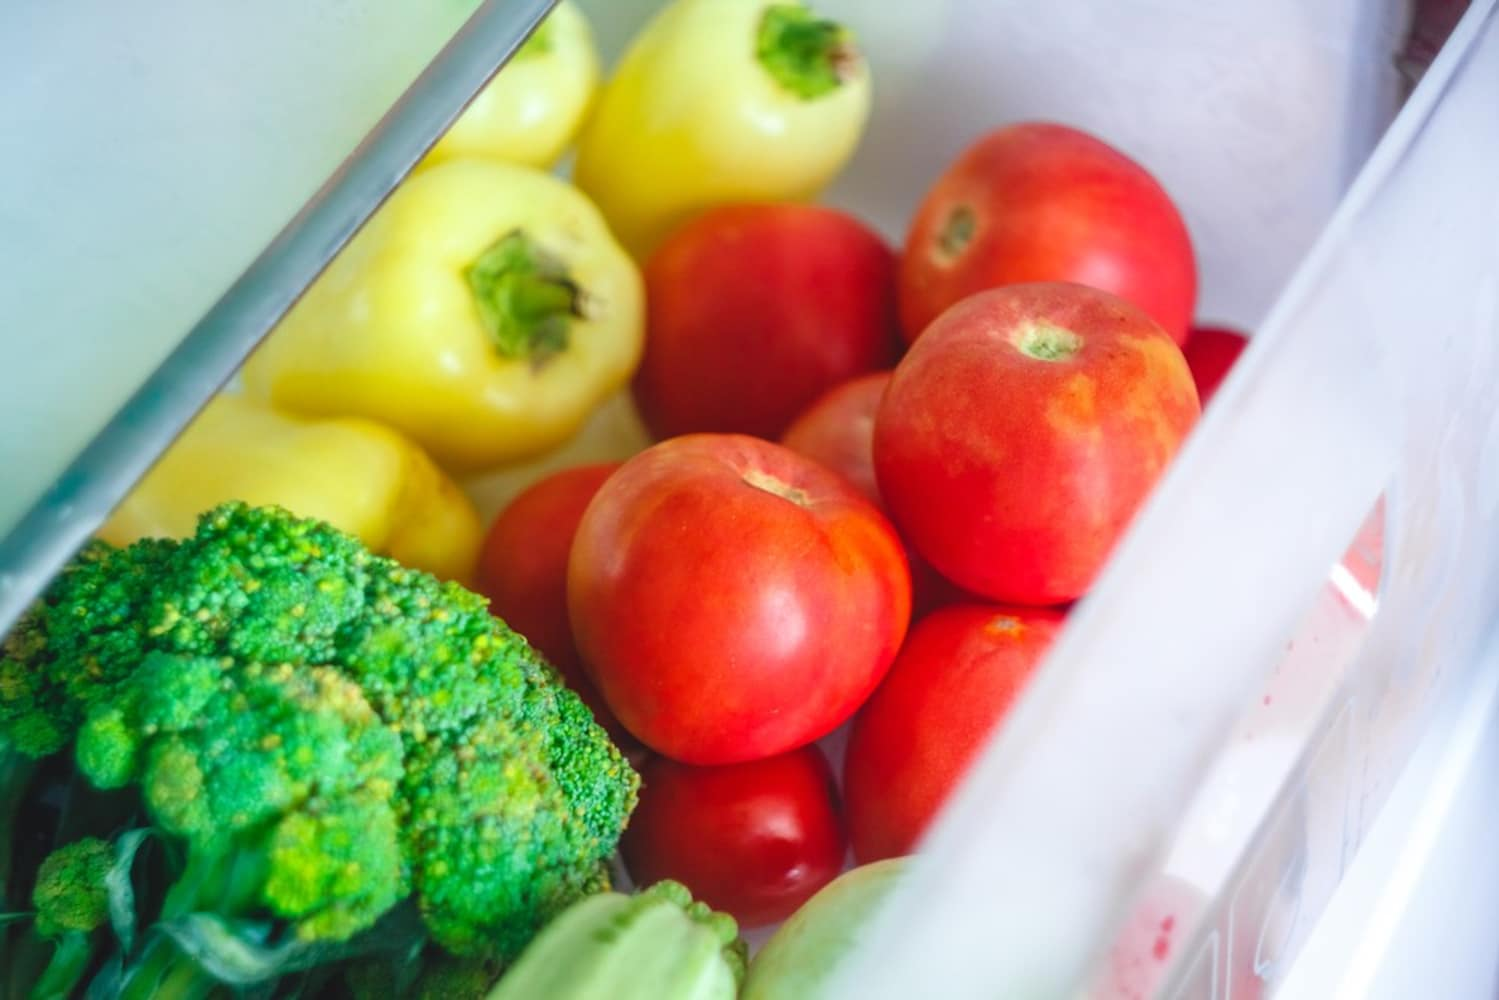 冷蔵庫の各スペース|チルド室・野菜室・冷凍室の機能をチェック